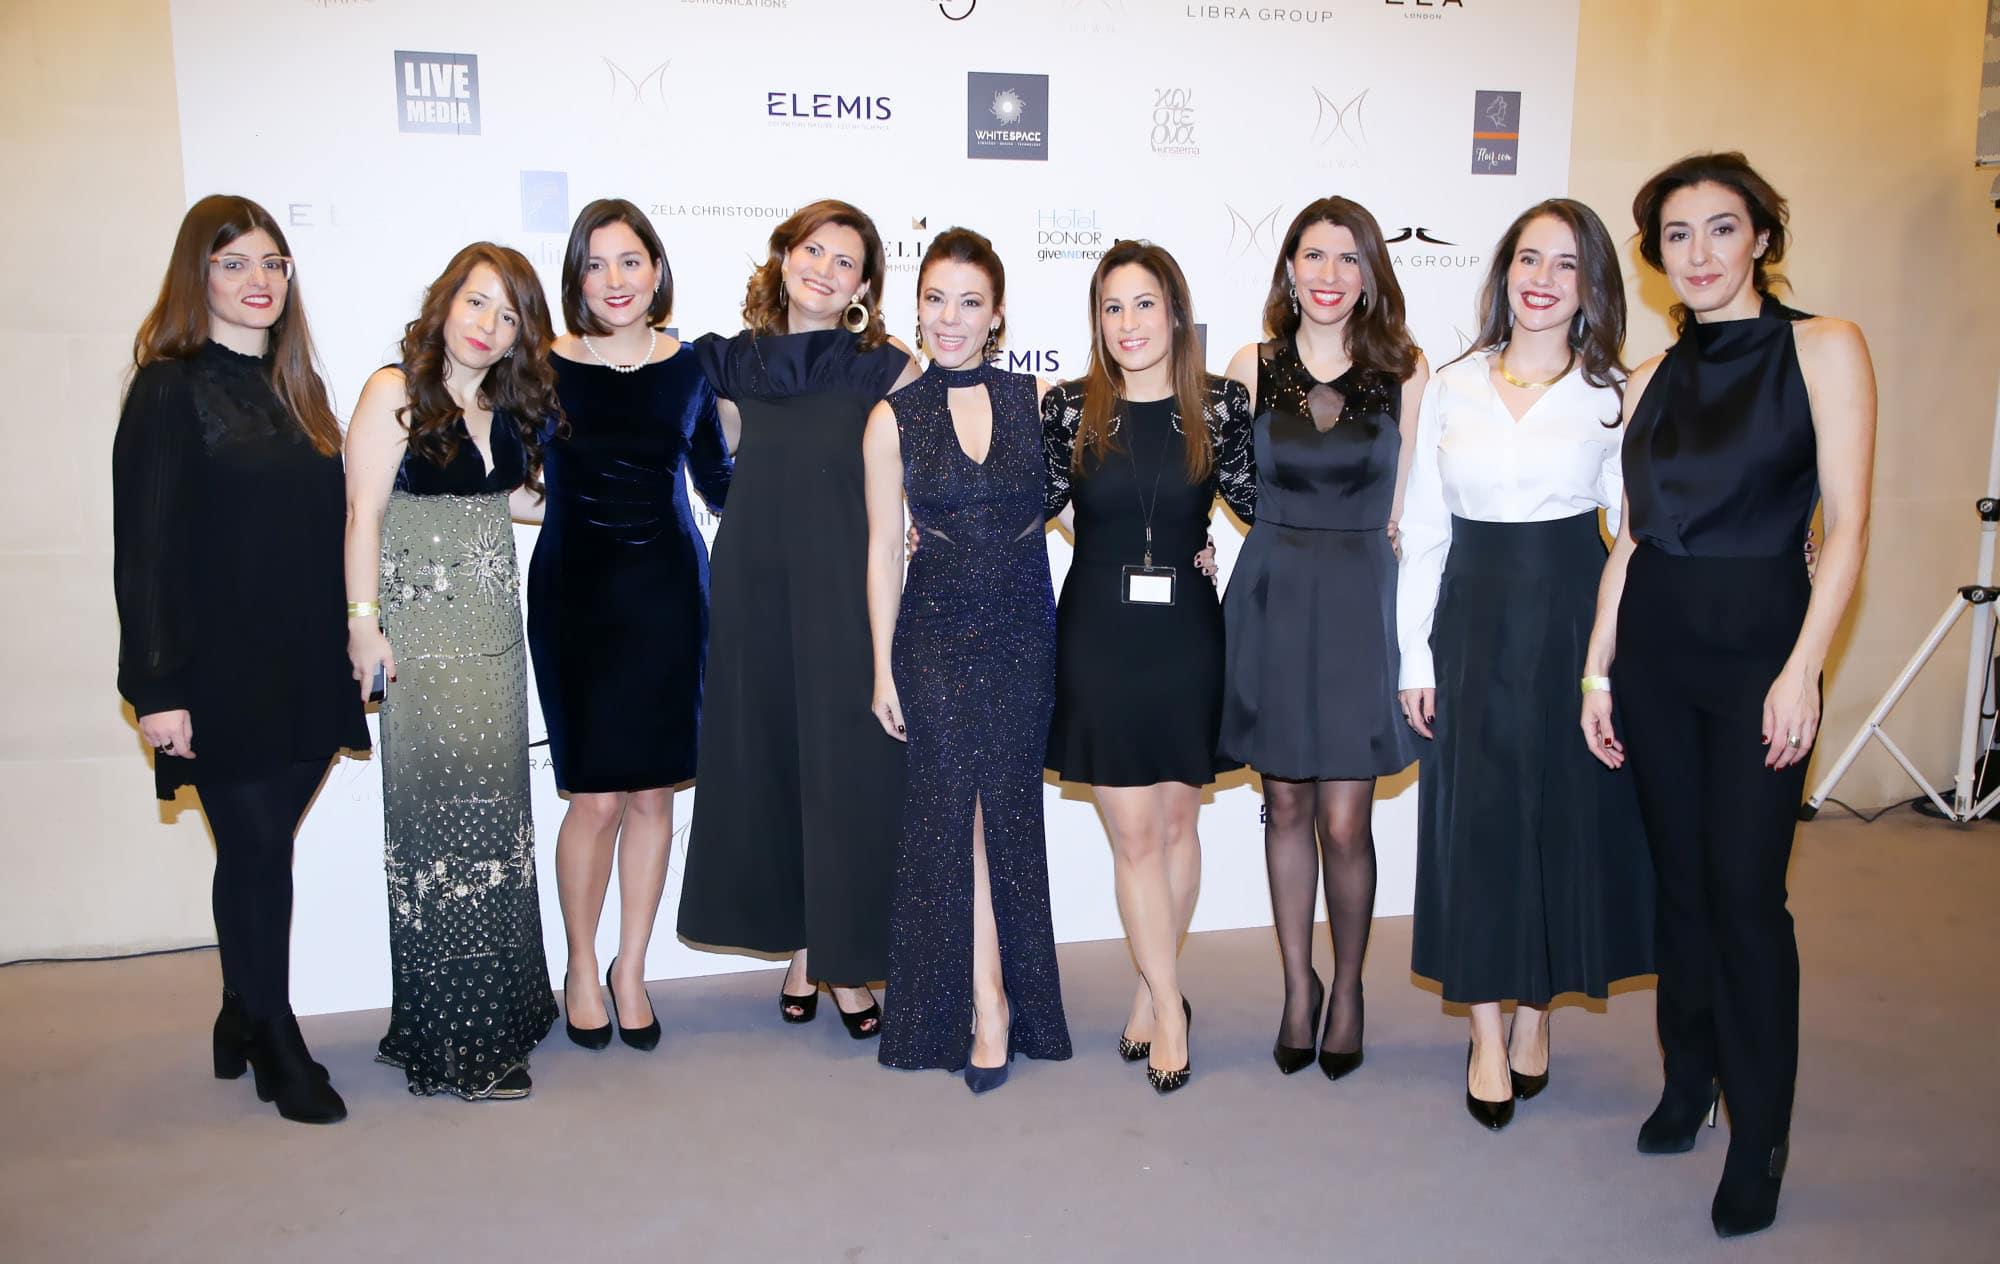 Η οργανωτική επιτροπή GIWA. Από αριστερά προς τα δεξιά:  Ηρώ Κουτσιούμπα, Γεωργία Γαβριηλίδου, Φωτεινή Βογιατζή, Νάγια Μπολτέτσου, Σοφία Κωνσταντοπούλου, Τζοάννα Γαλάνη, Μάρμο Συρίγου, Ιωάννα Πασχαλίδου, Χριστίνα Φωτεινέλλη.